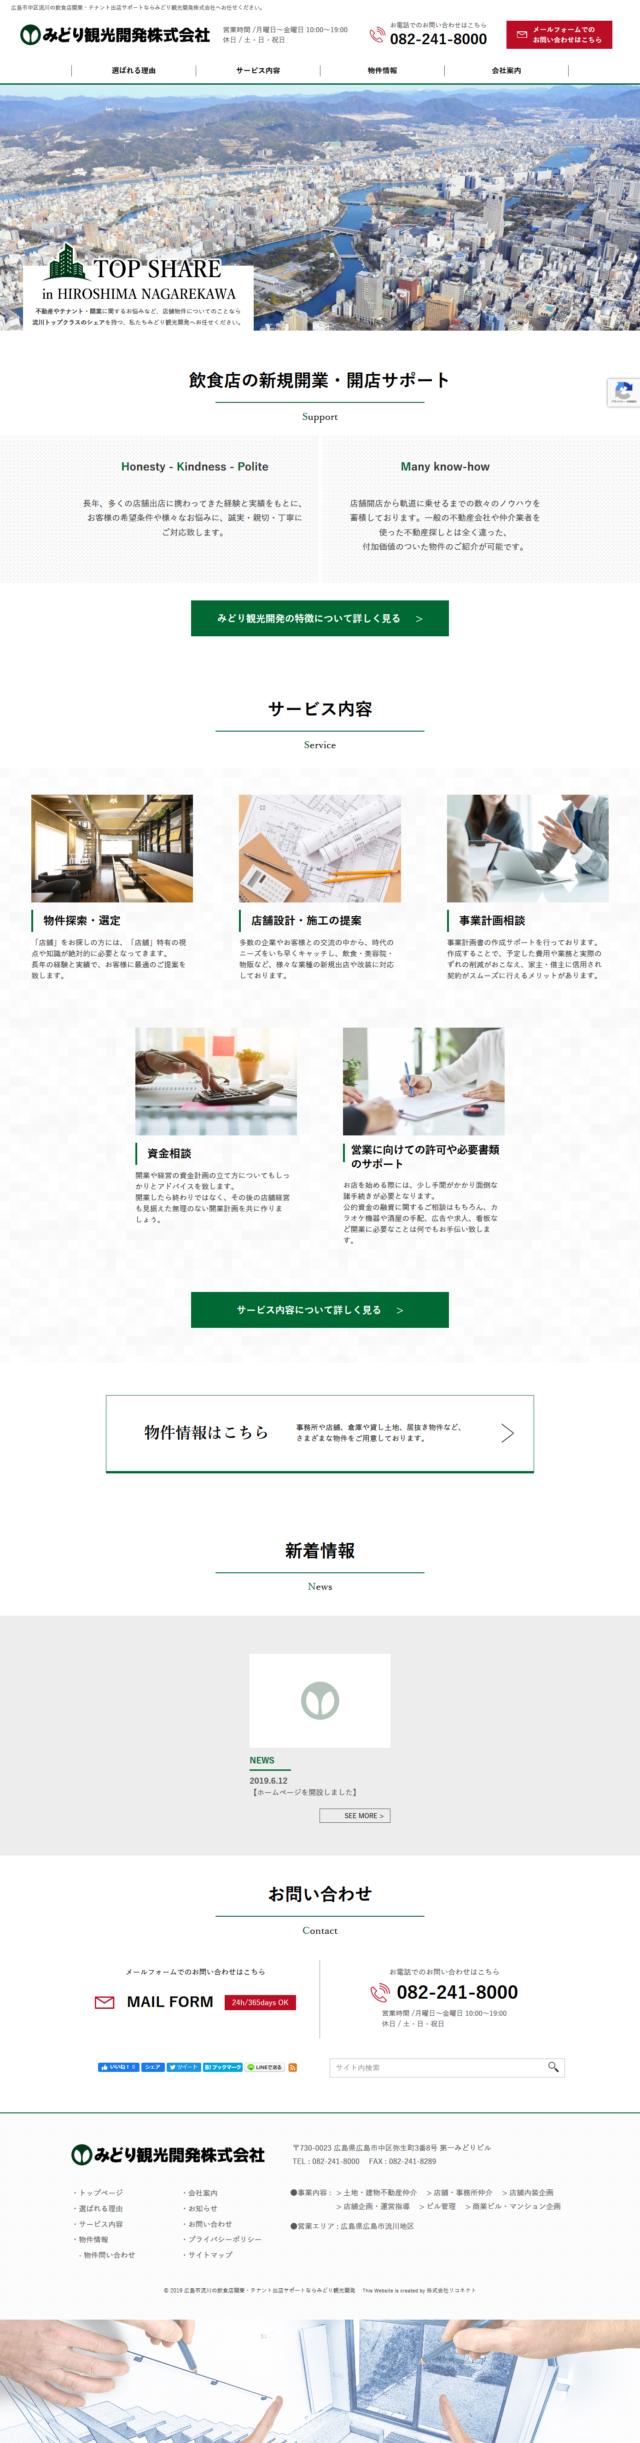 広島県広島市 不動産仲介・飲食店開業サポートのみどり観光開発 株式会社 様